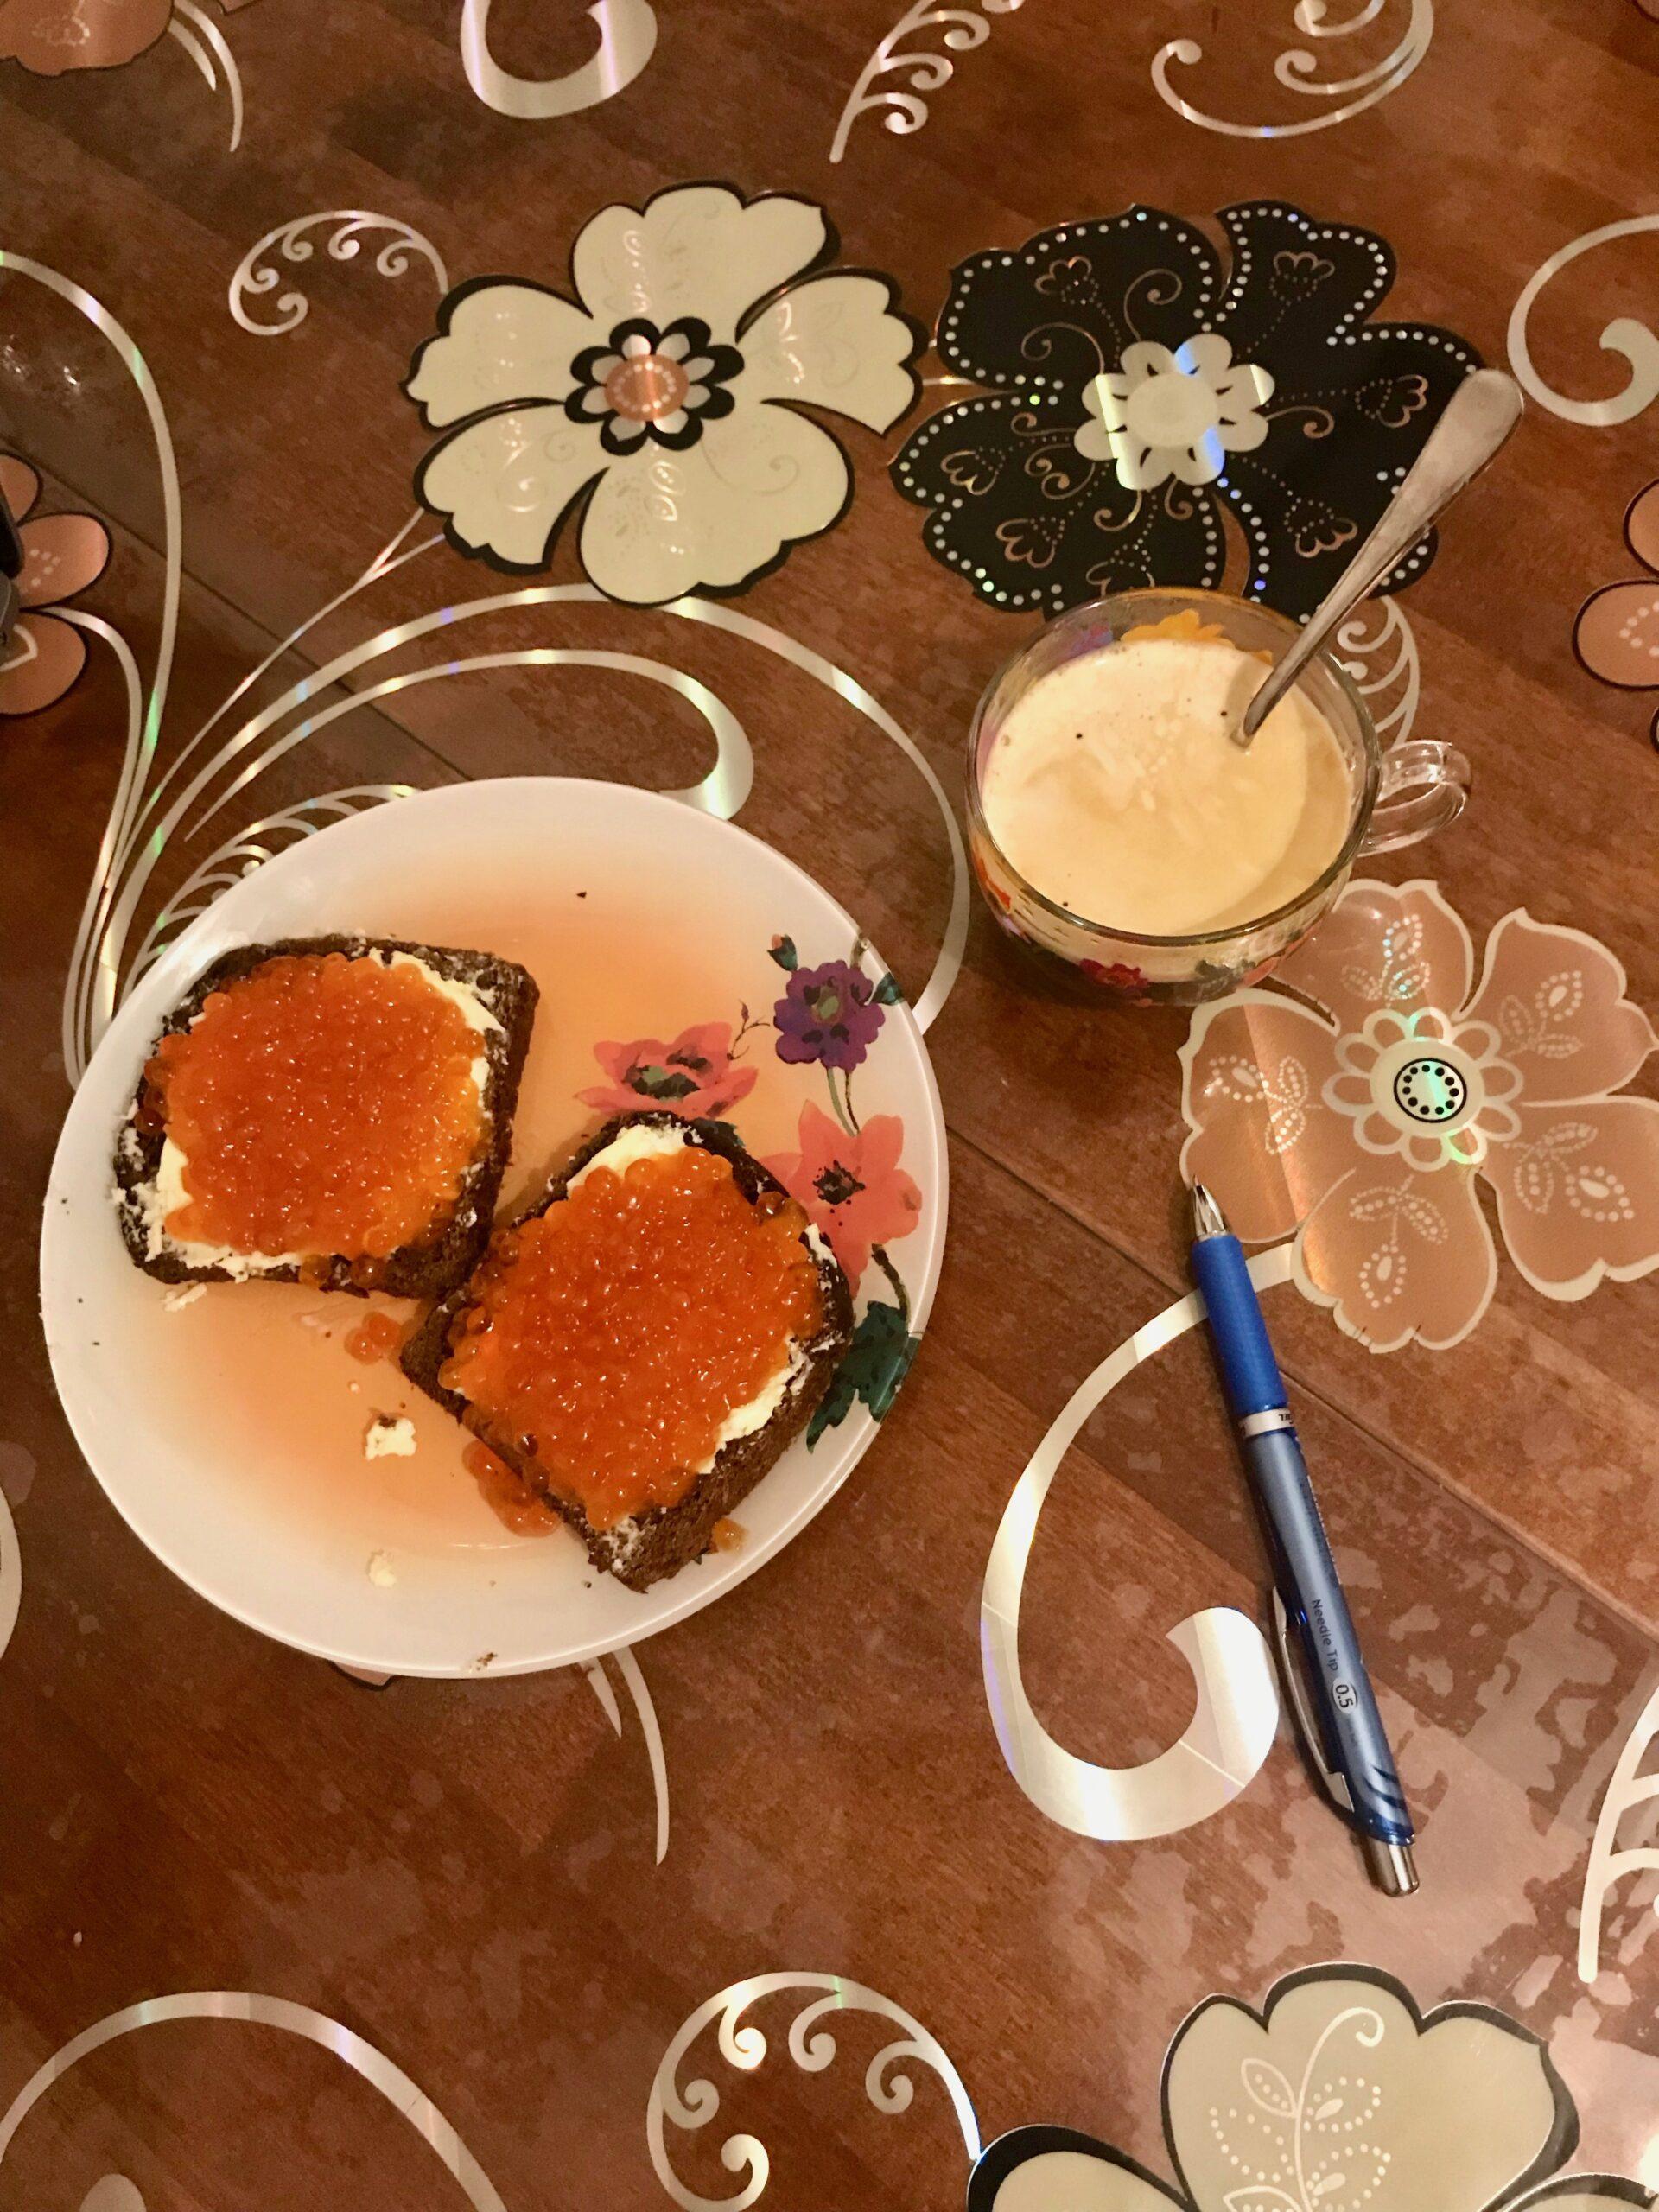 Праздничный завтрак, скромного адвоката. Готовлюсь к празднованию Революции.